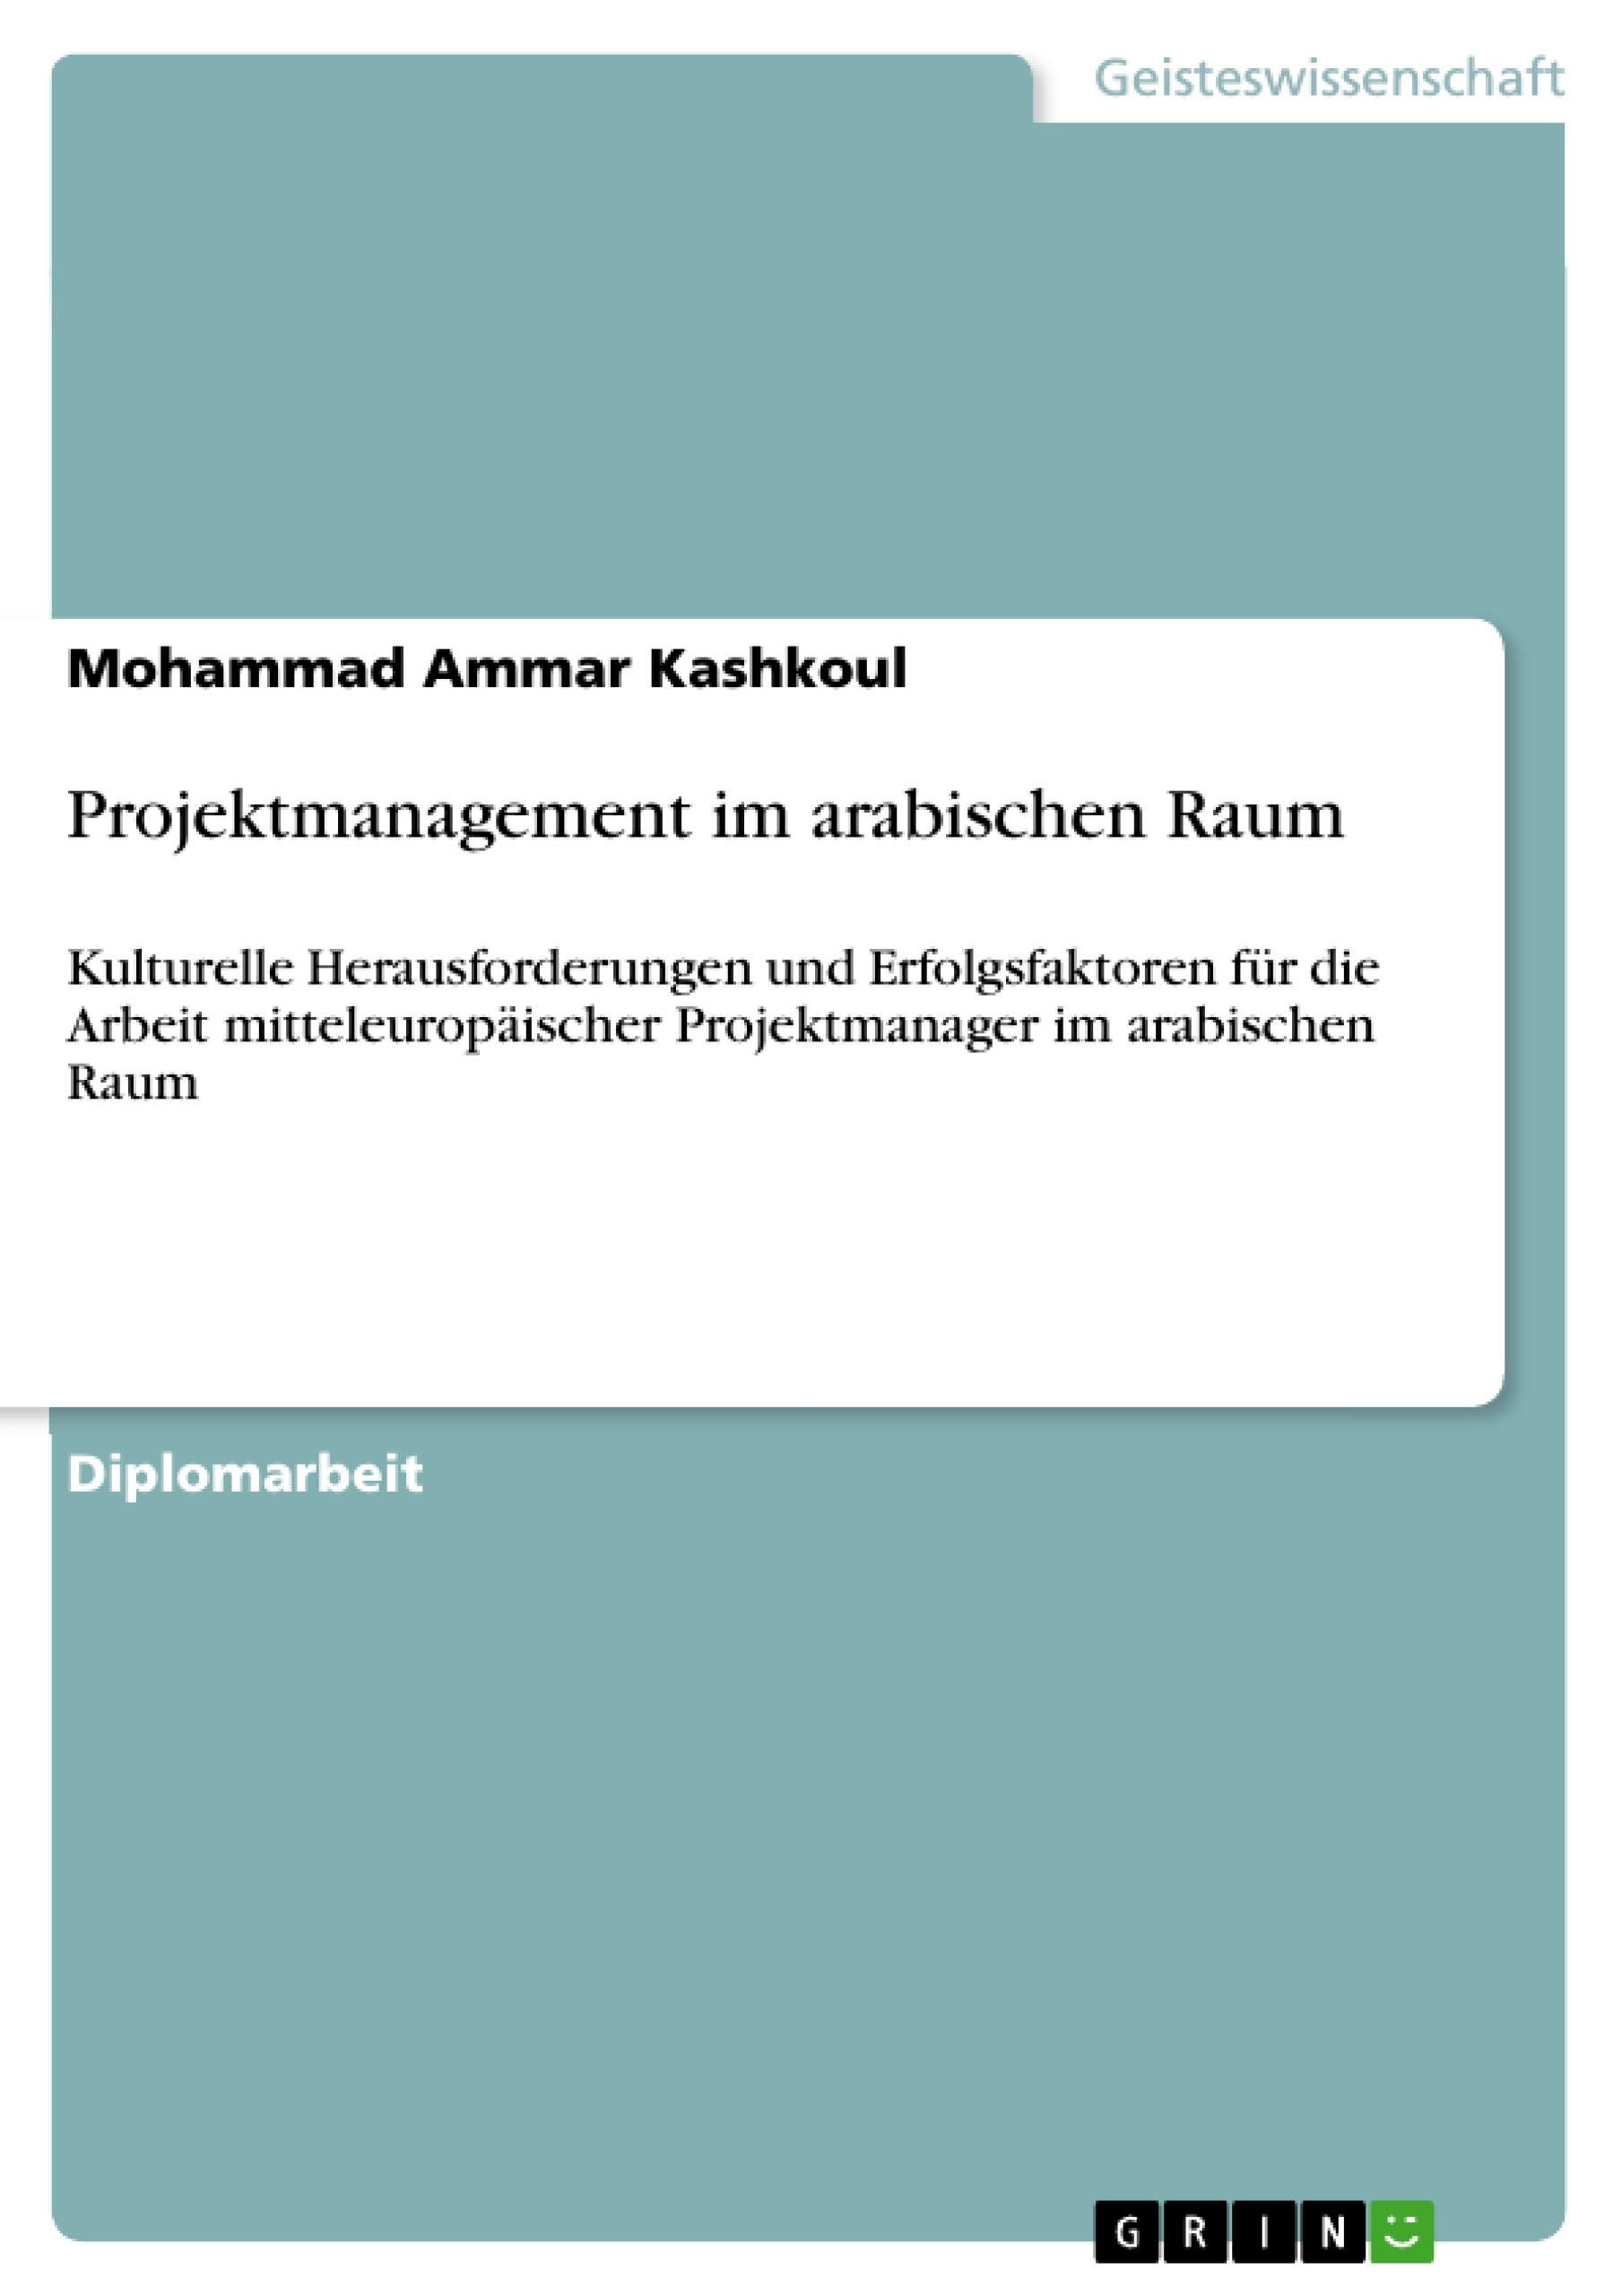 Titel: Projektmanagement im arabischen Raum